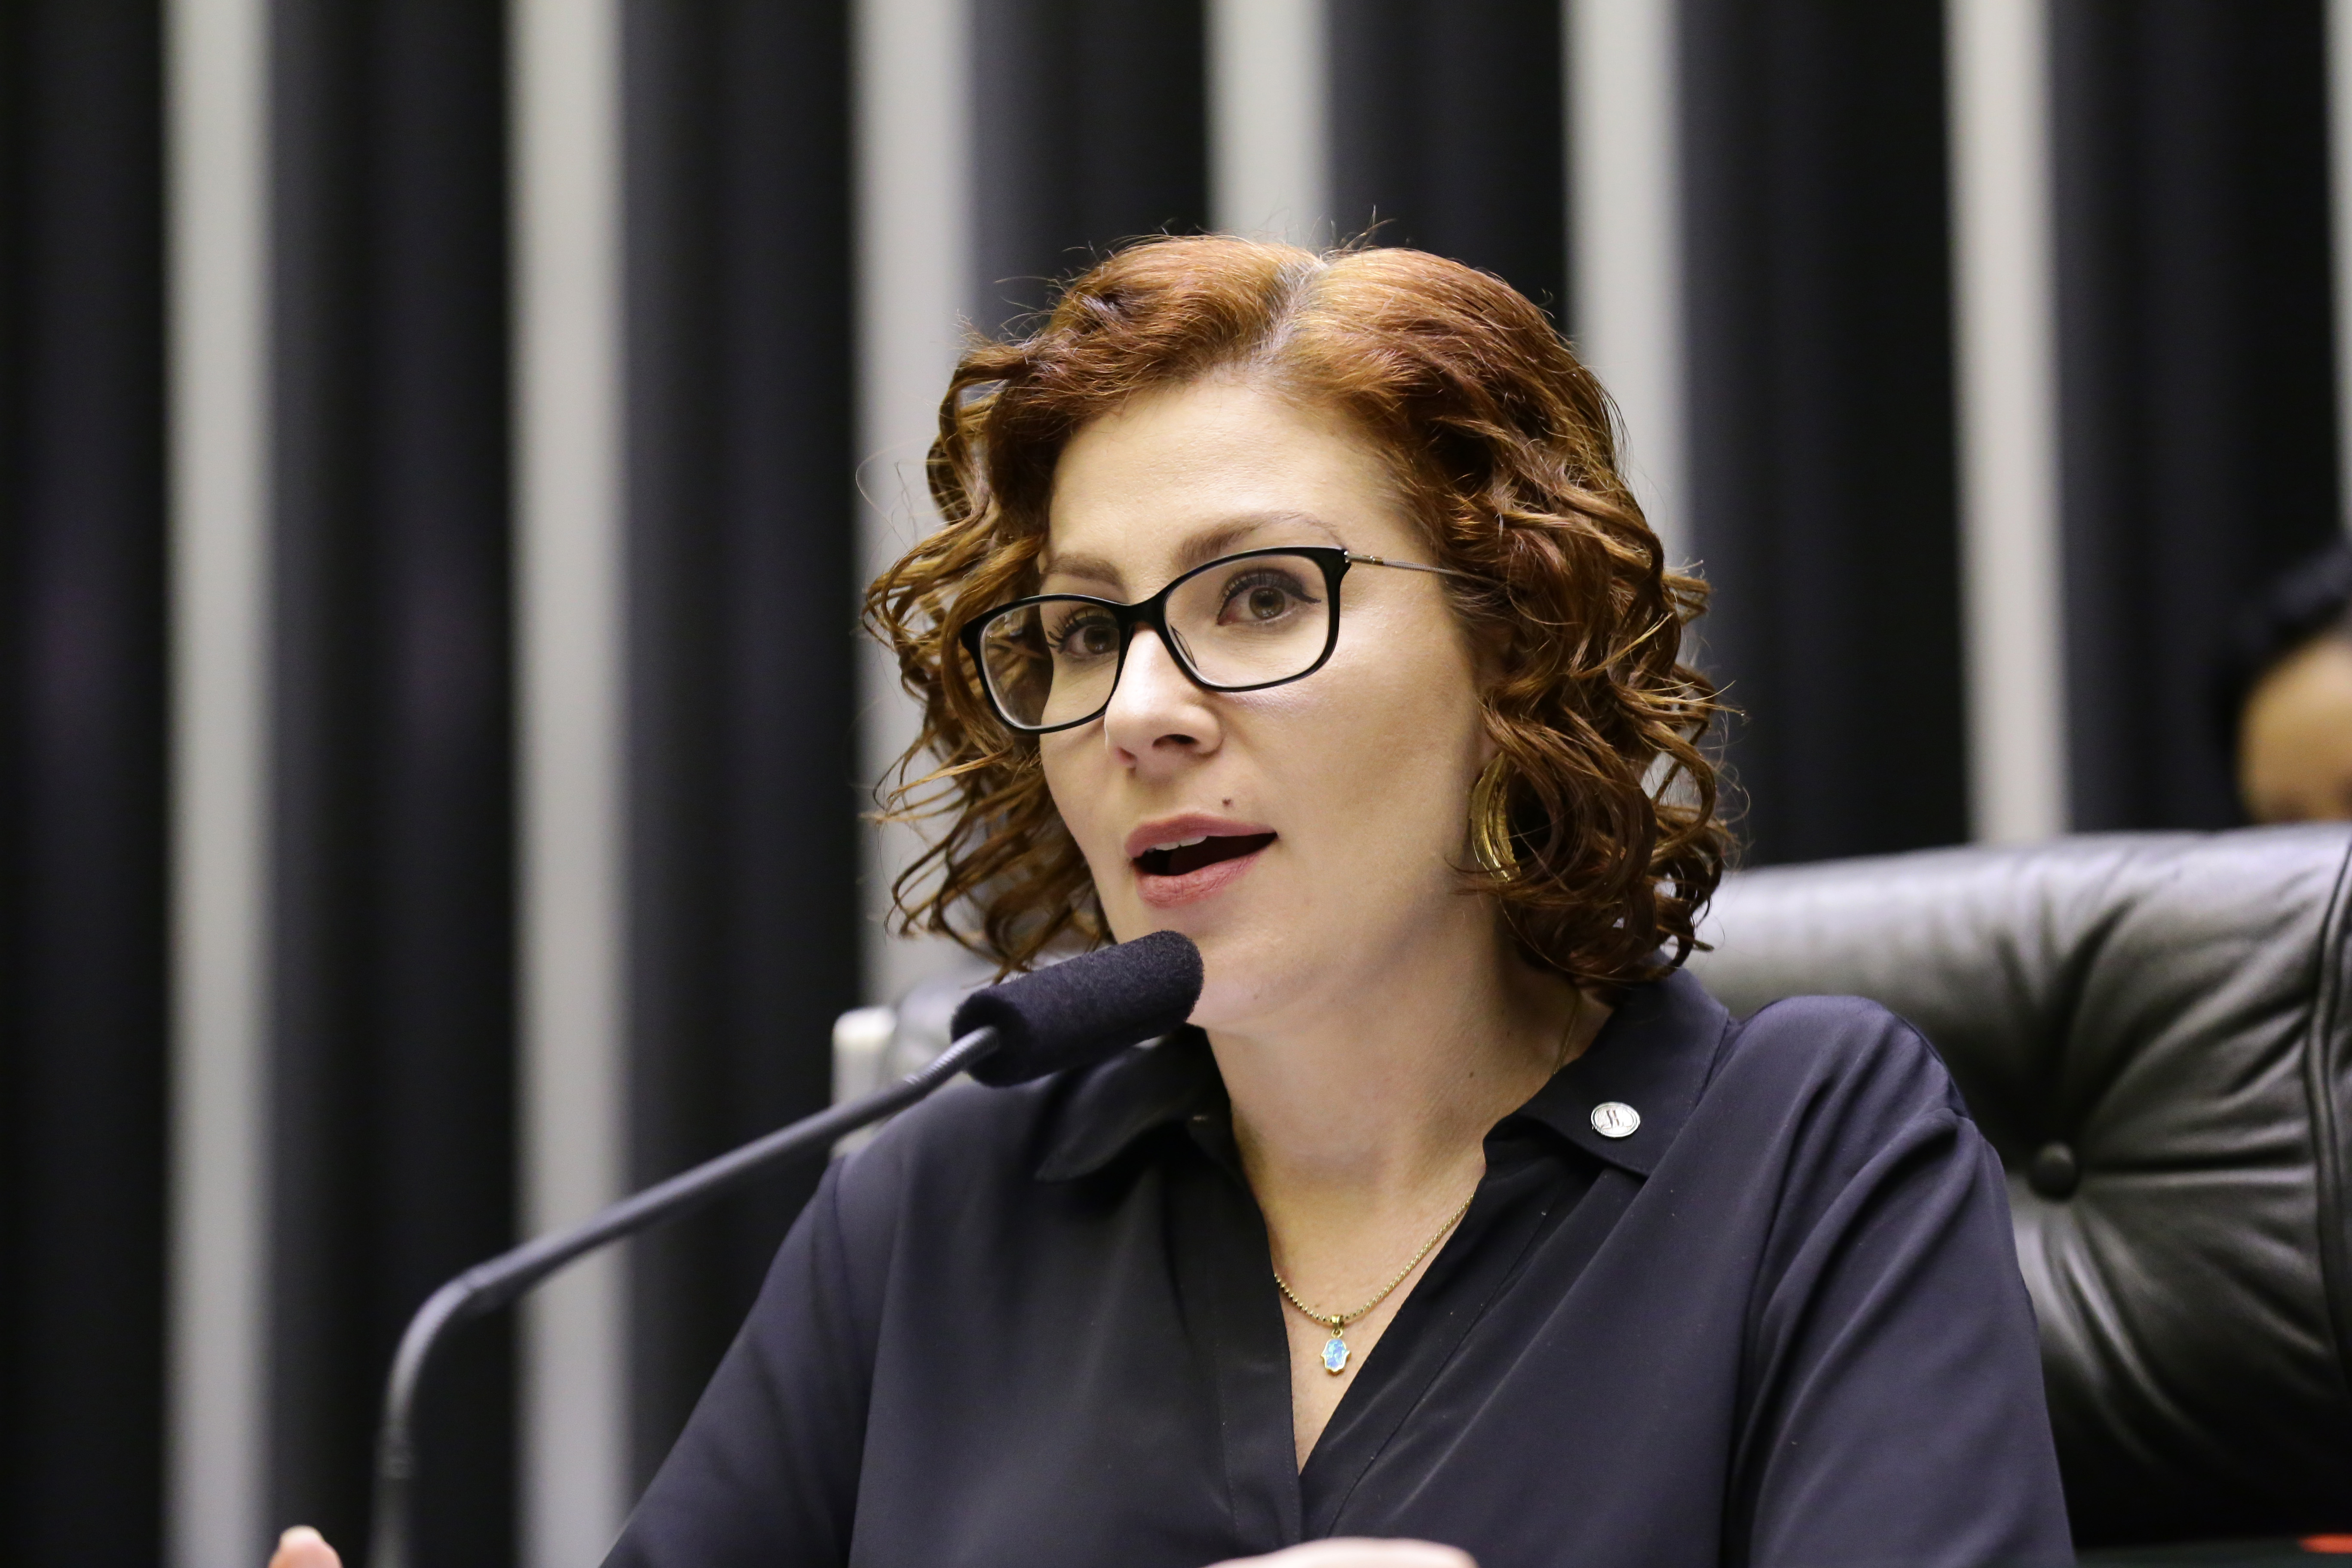 Homenagem ao Dia da Policia Civil. Dep. Carla Zambelli (PSL-SP)